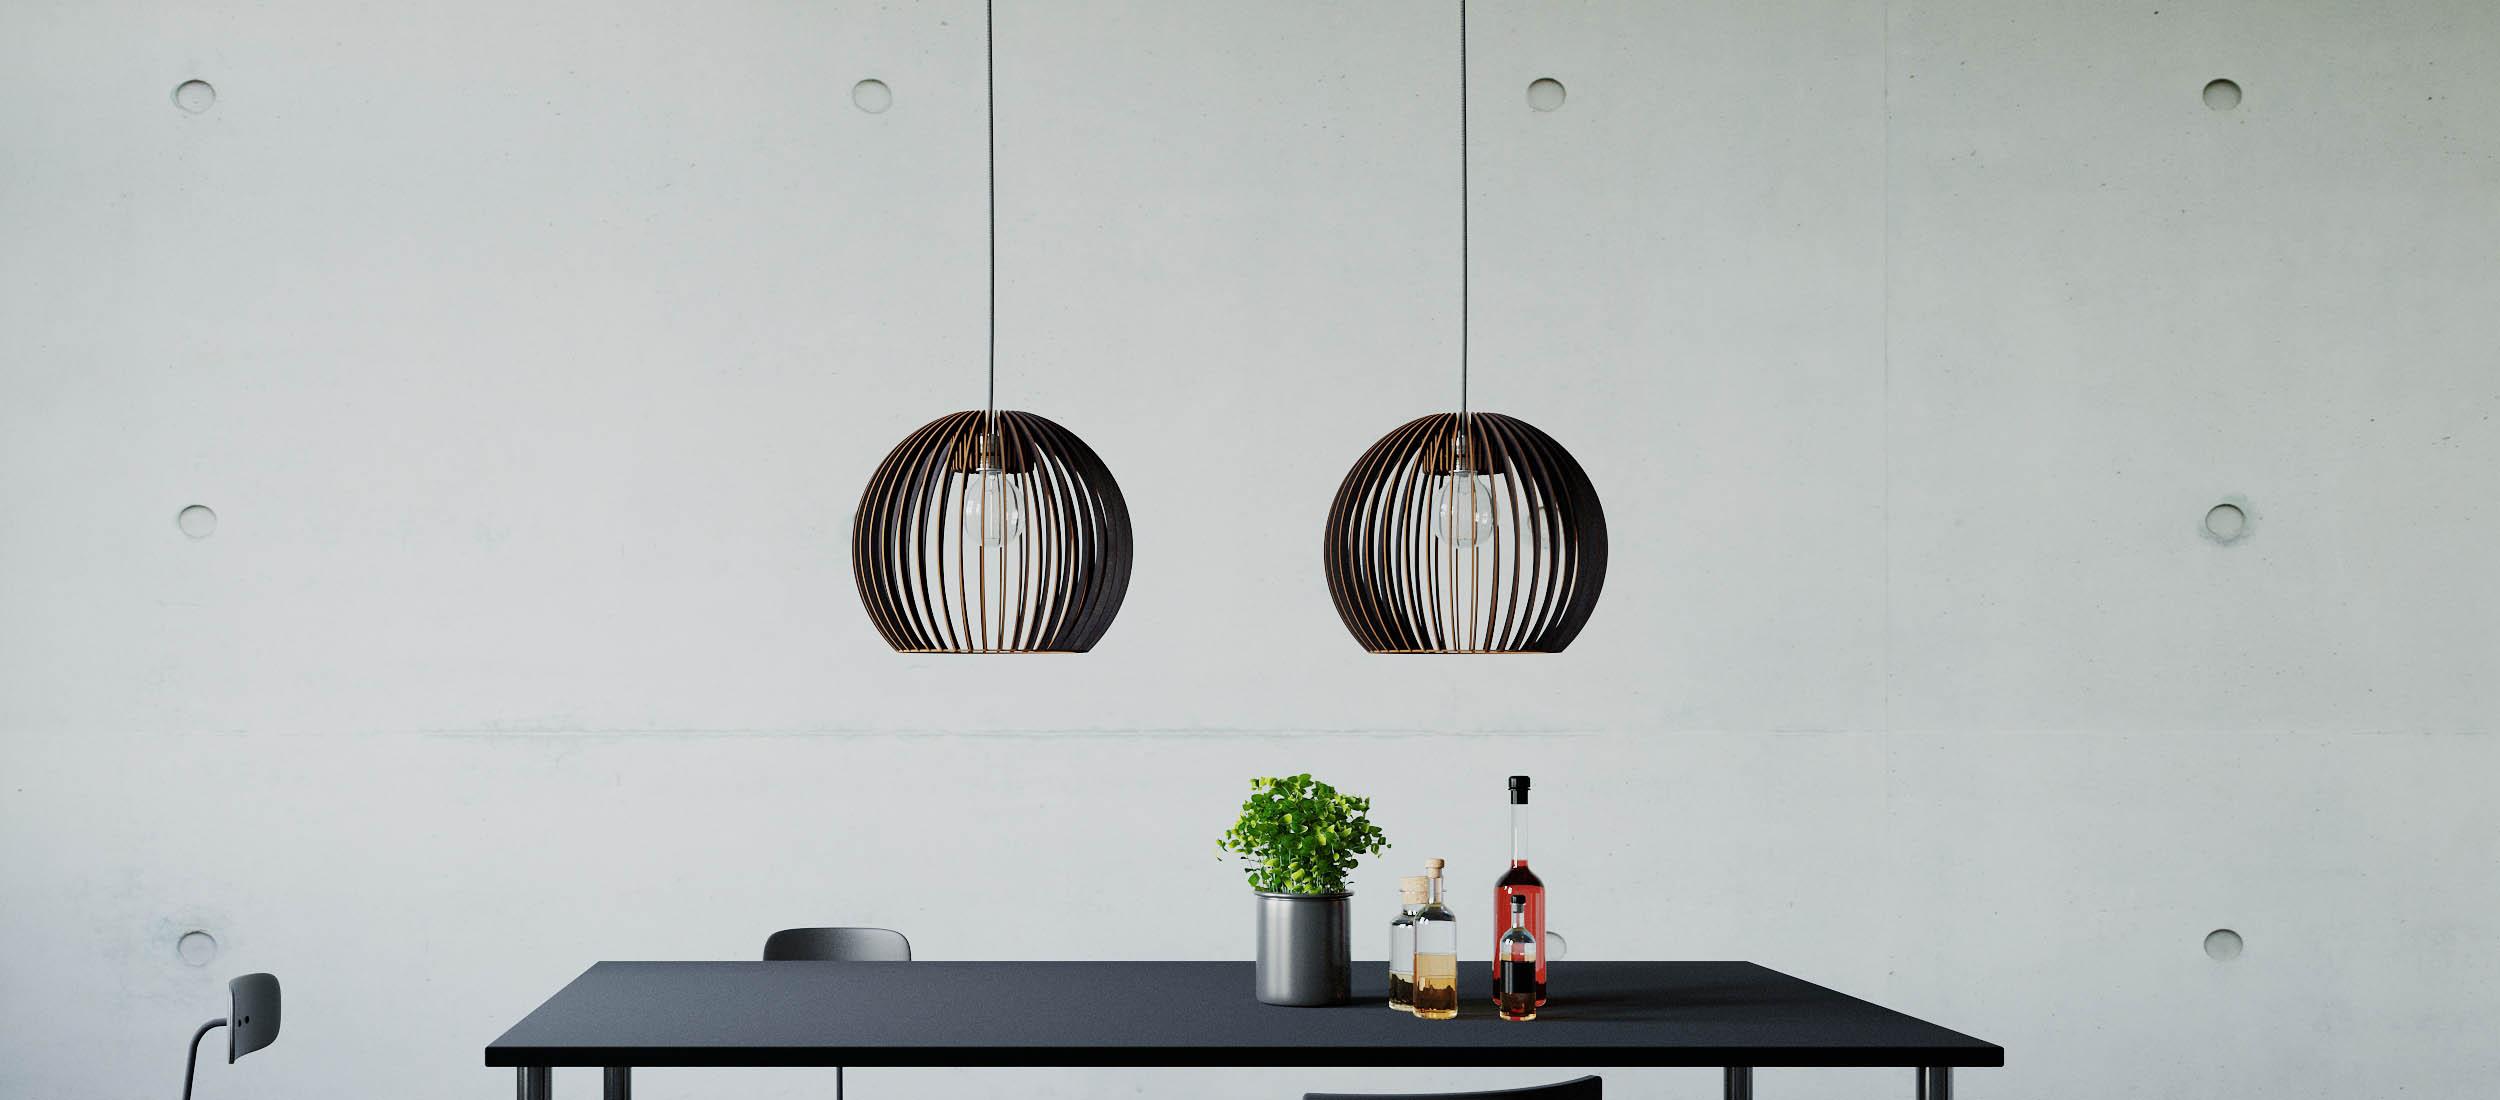 Full Size of Hängelampen Lampen Aus Holz Wohnzimmer Hängelampen